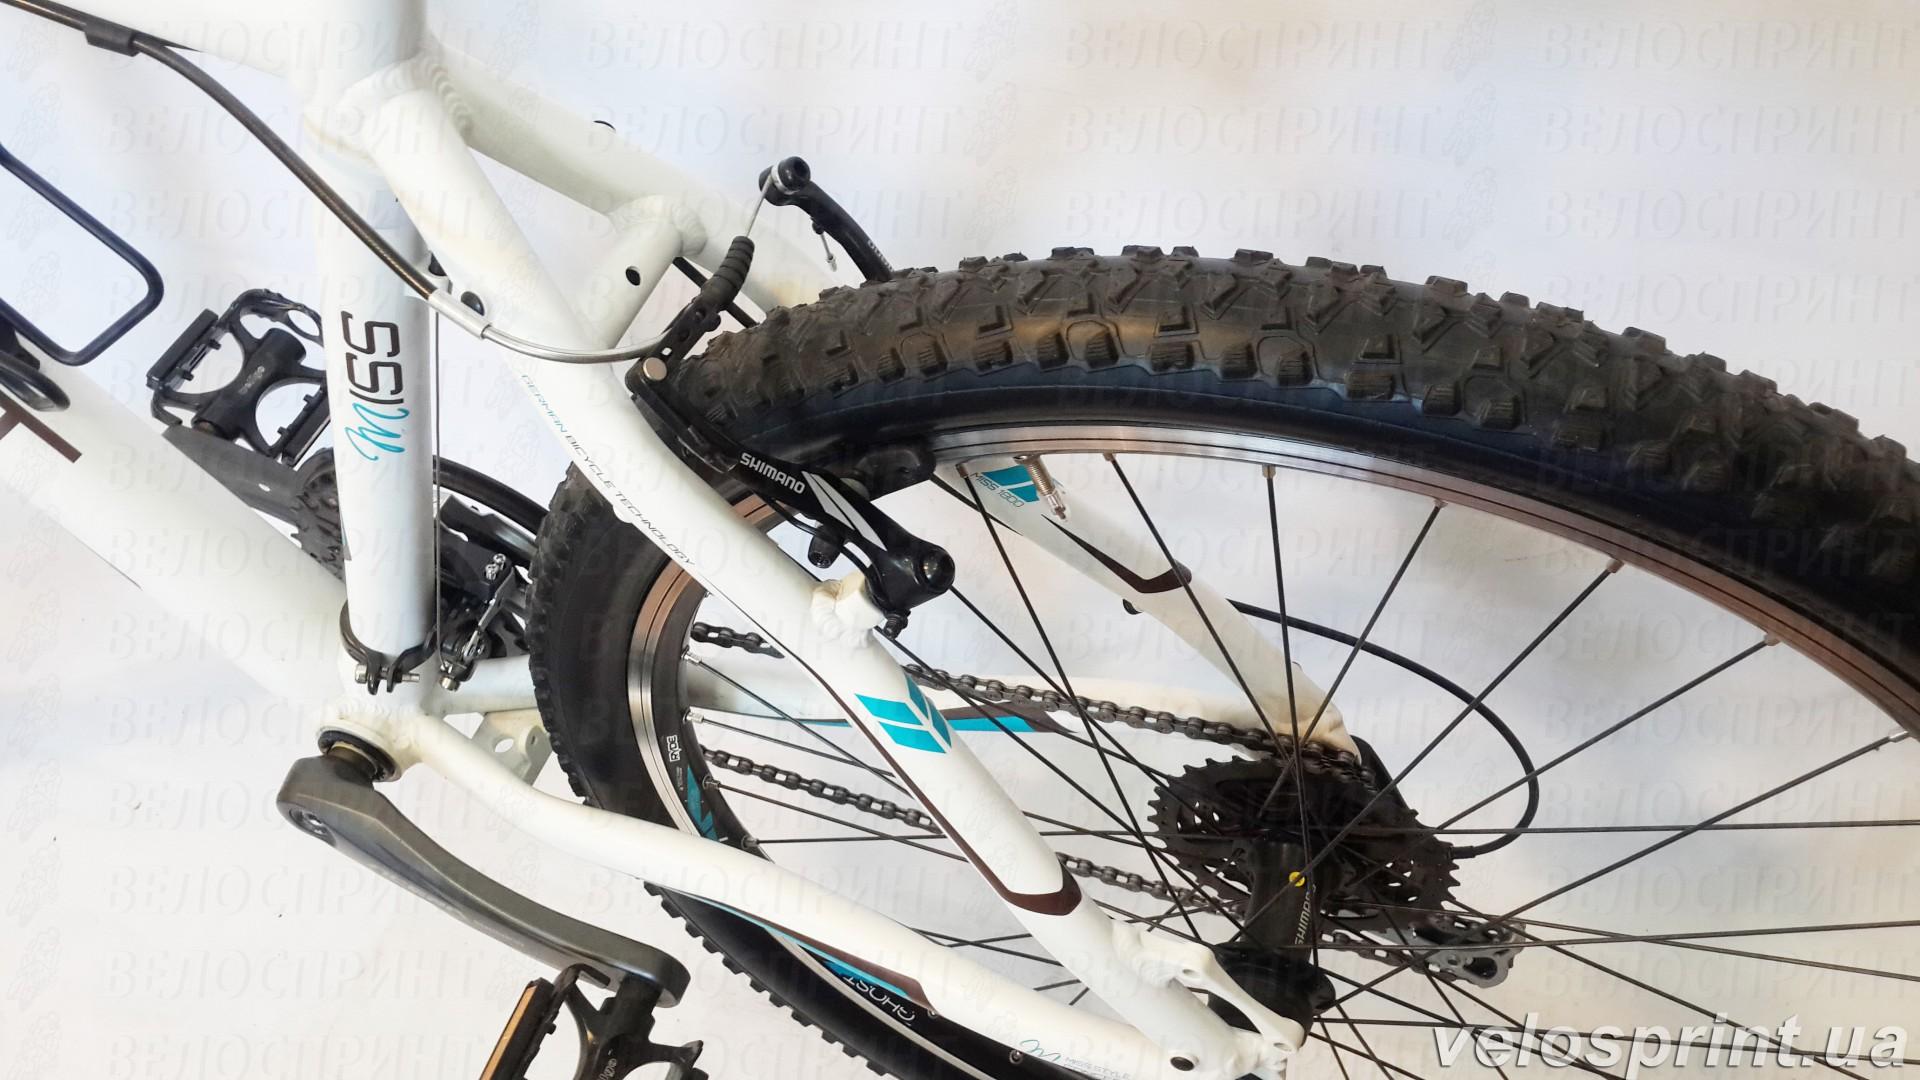 Велосипед GHOST MISS 1800 white/brown/petrol задний тормоз год 2013